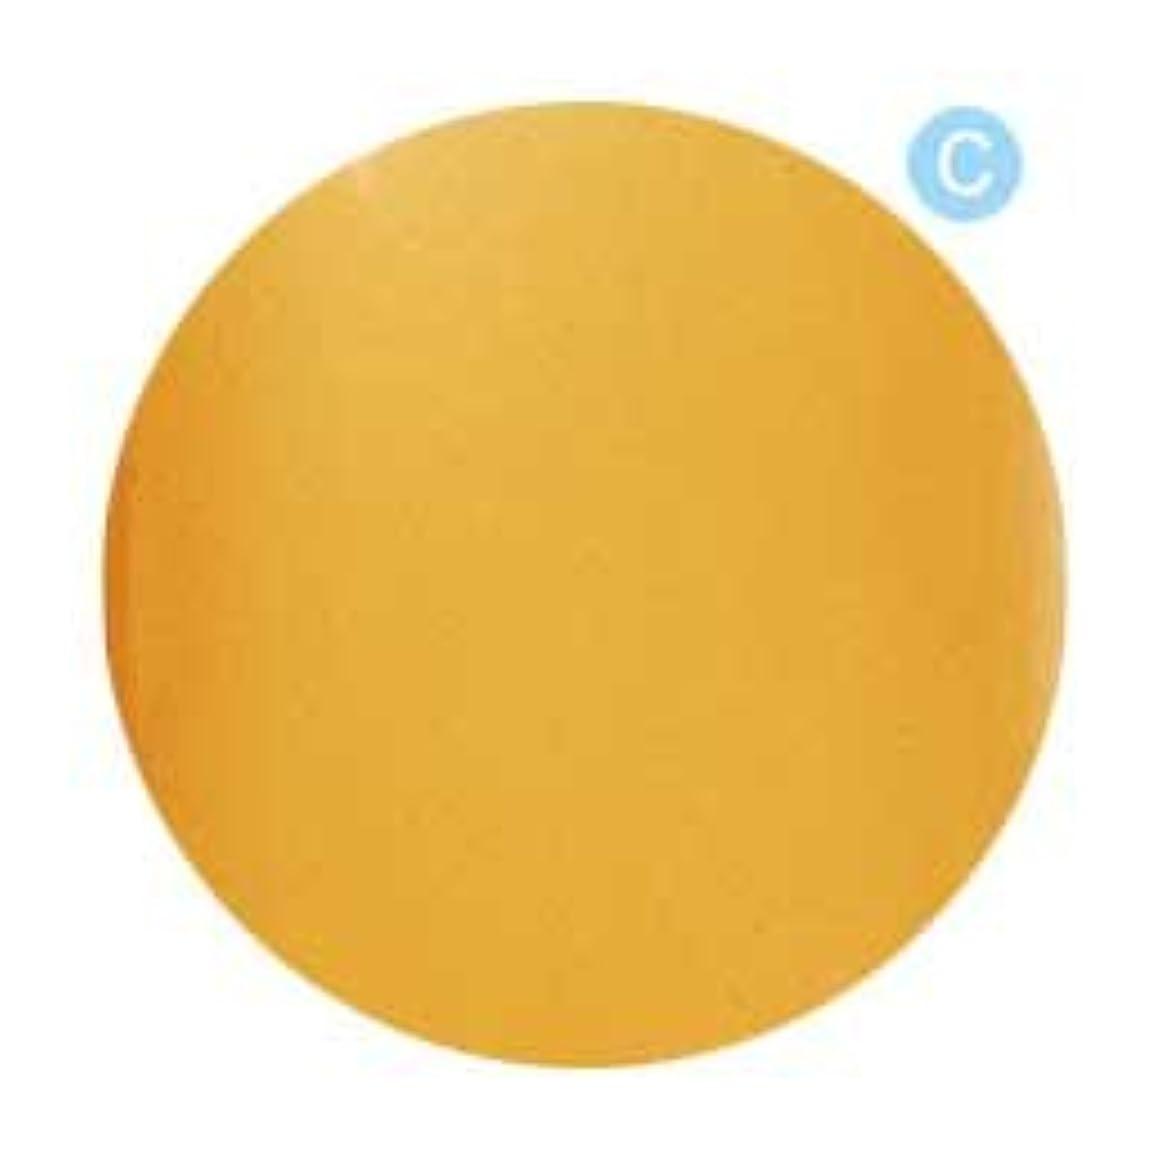 詐欺血色の良い樹皮Palms Graceful カラージェル 3g 020 クリアオレンジ